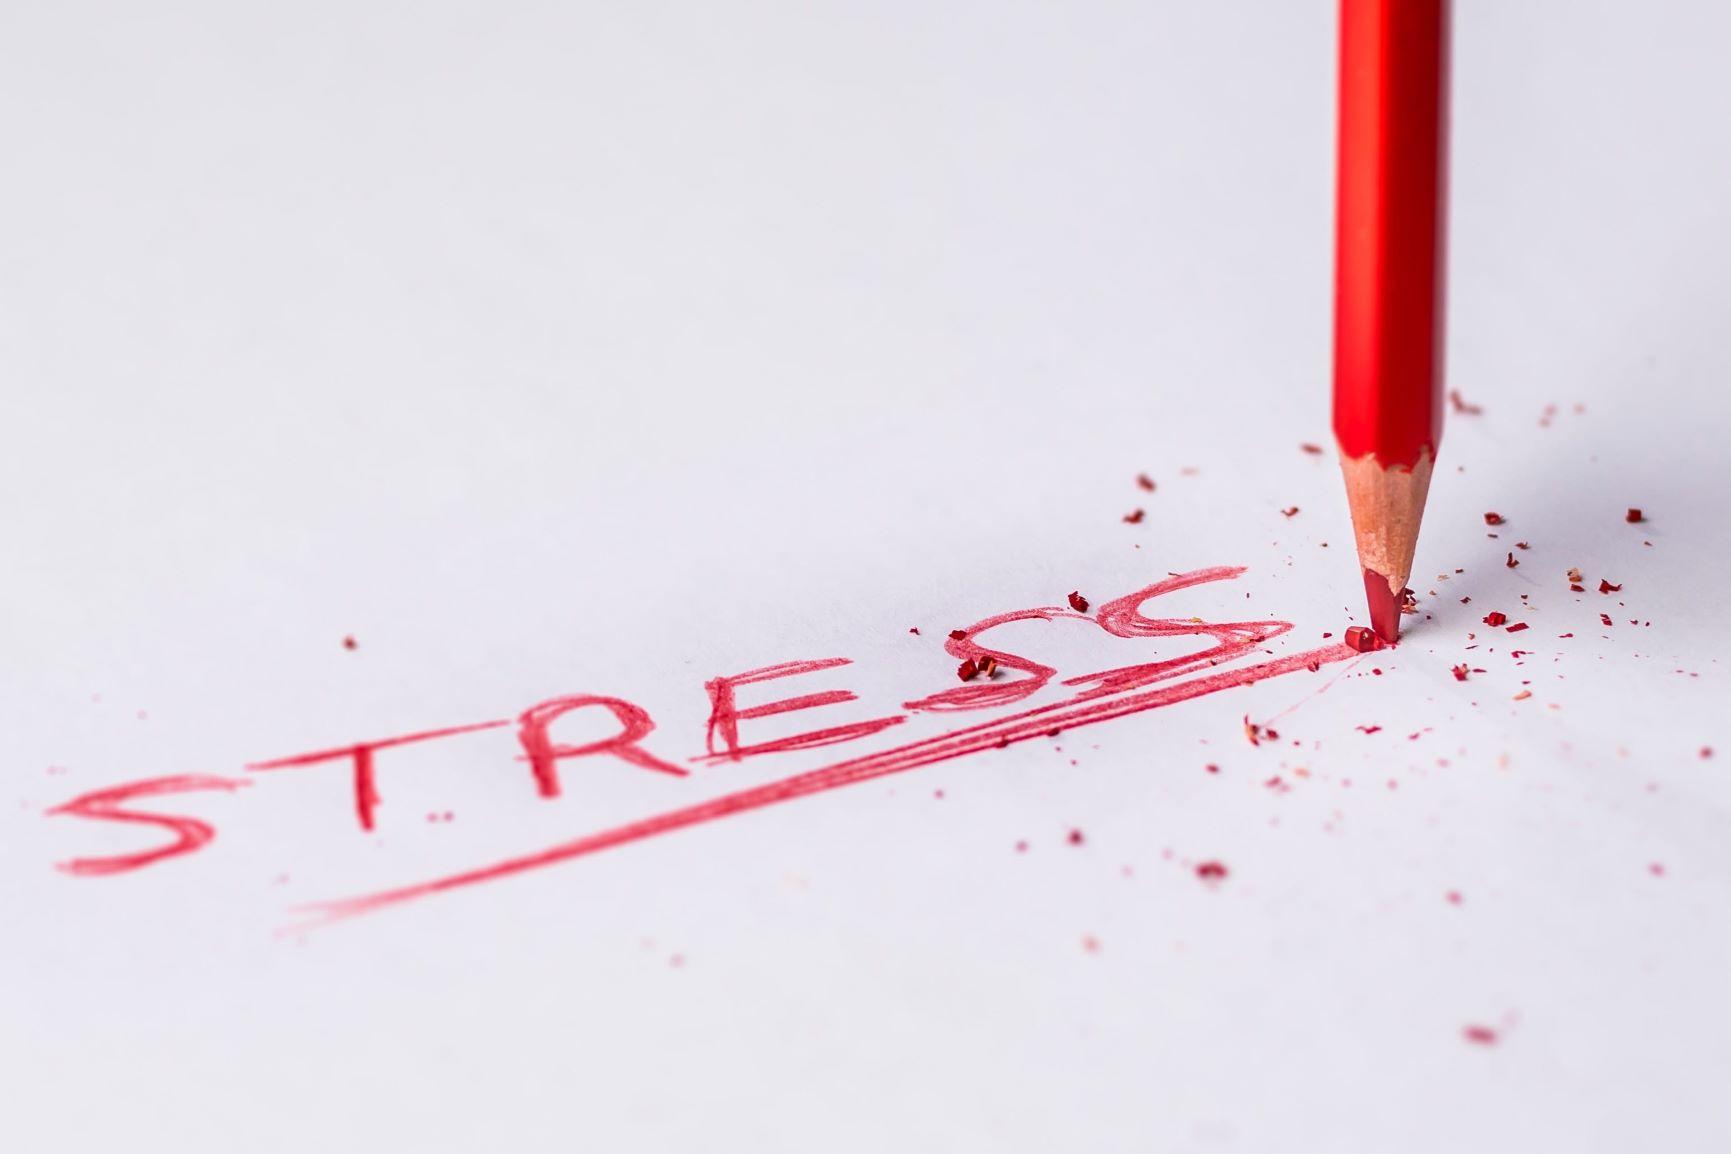 Priča o stresu i utjecaju na organizam…UDAH, IZDAH